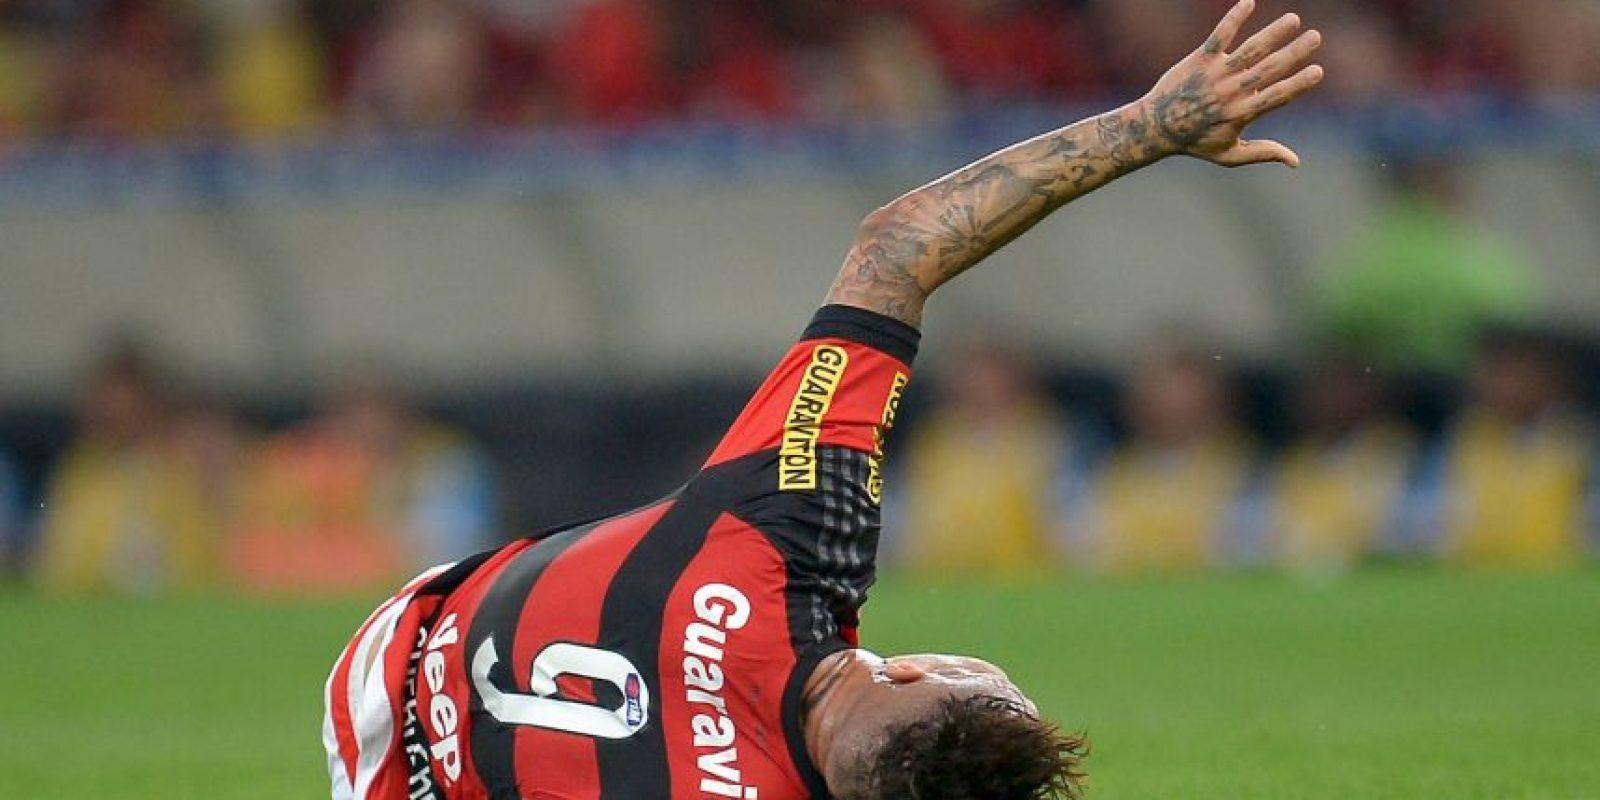 En el fútbol brasileño hay un promedio de edad de 25.3 años Foto:Getty Images